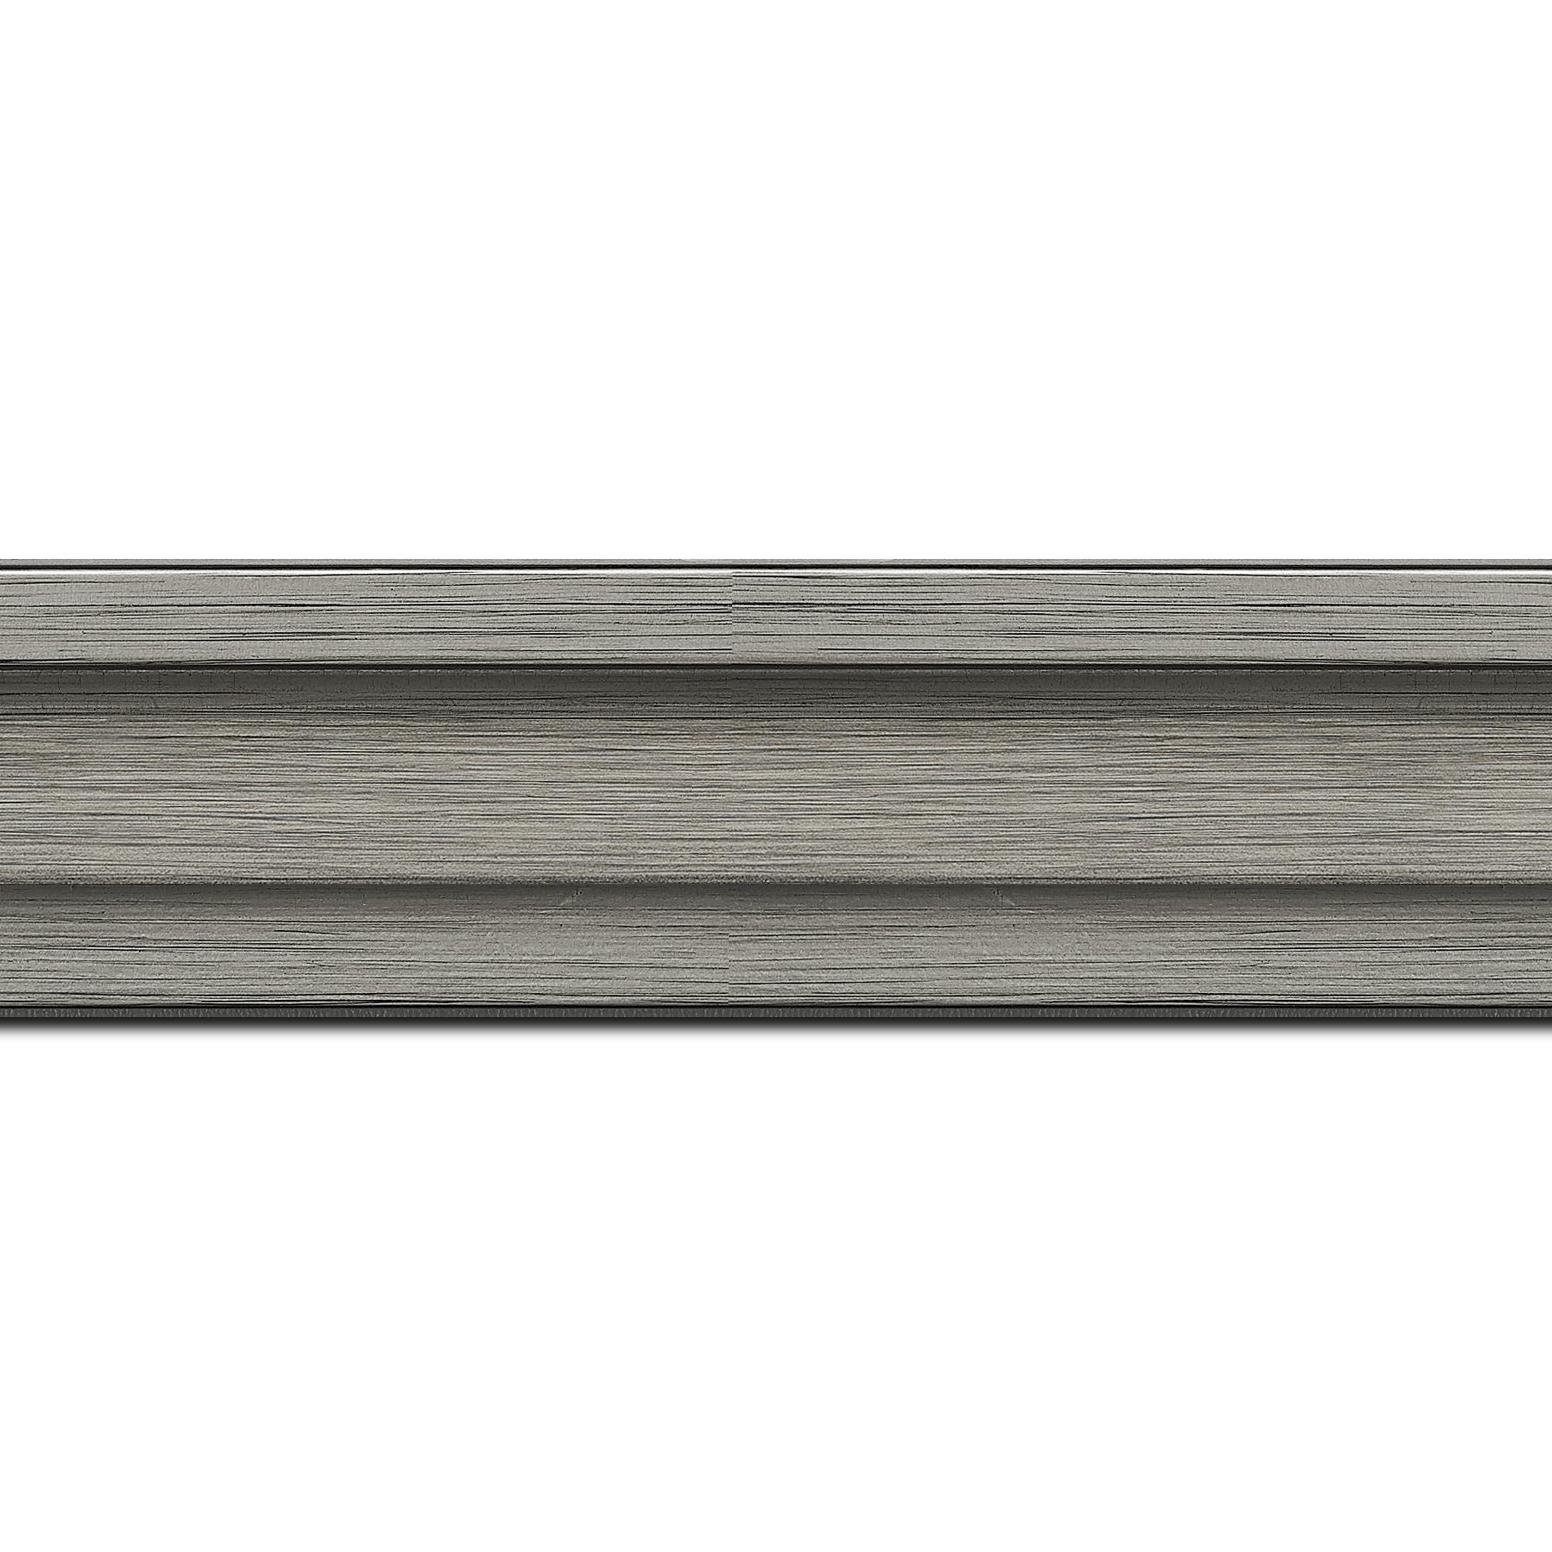 Pack par 12m, bois caisse américaine profil escalier largeur 4.4cm couleur plomb (spécialement conçu pour les châssis d'une épaisseur jusqu'à 2.5cm )(longueur baguette pouvant varier entre 2.40m et 3m selon arrivage des bois)